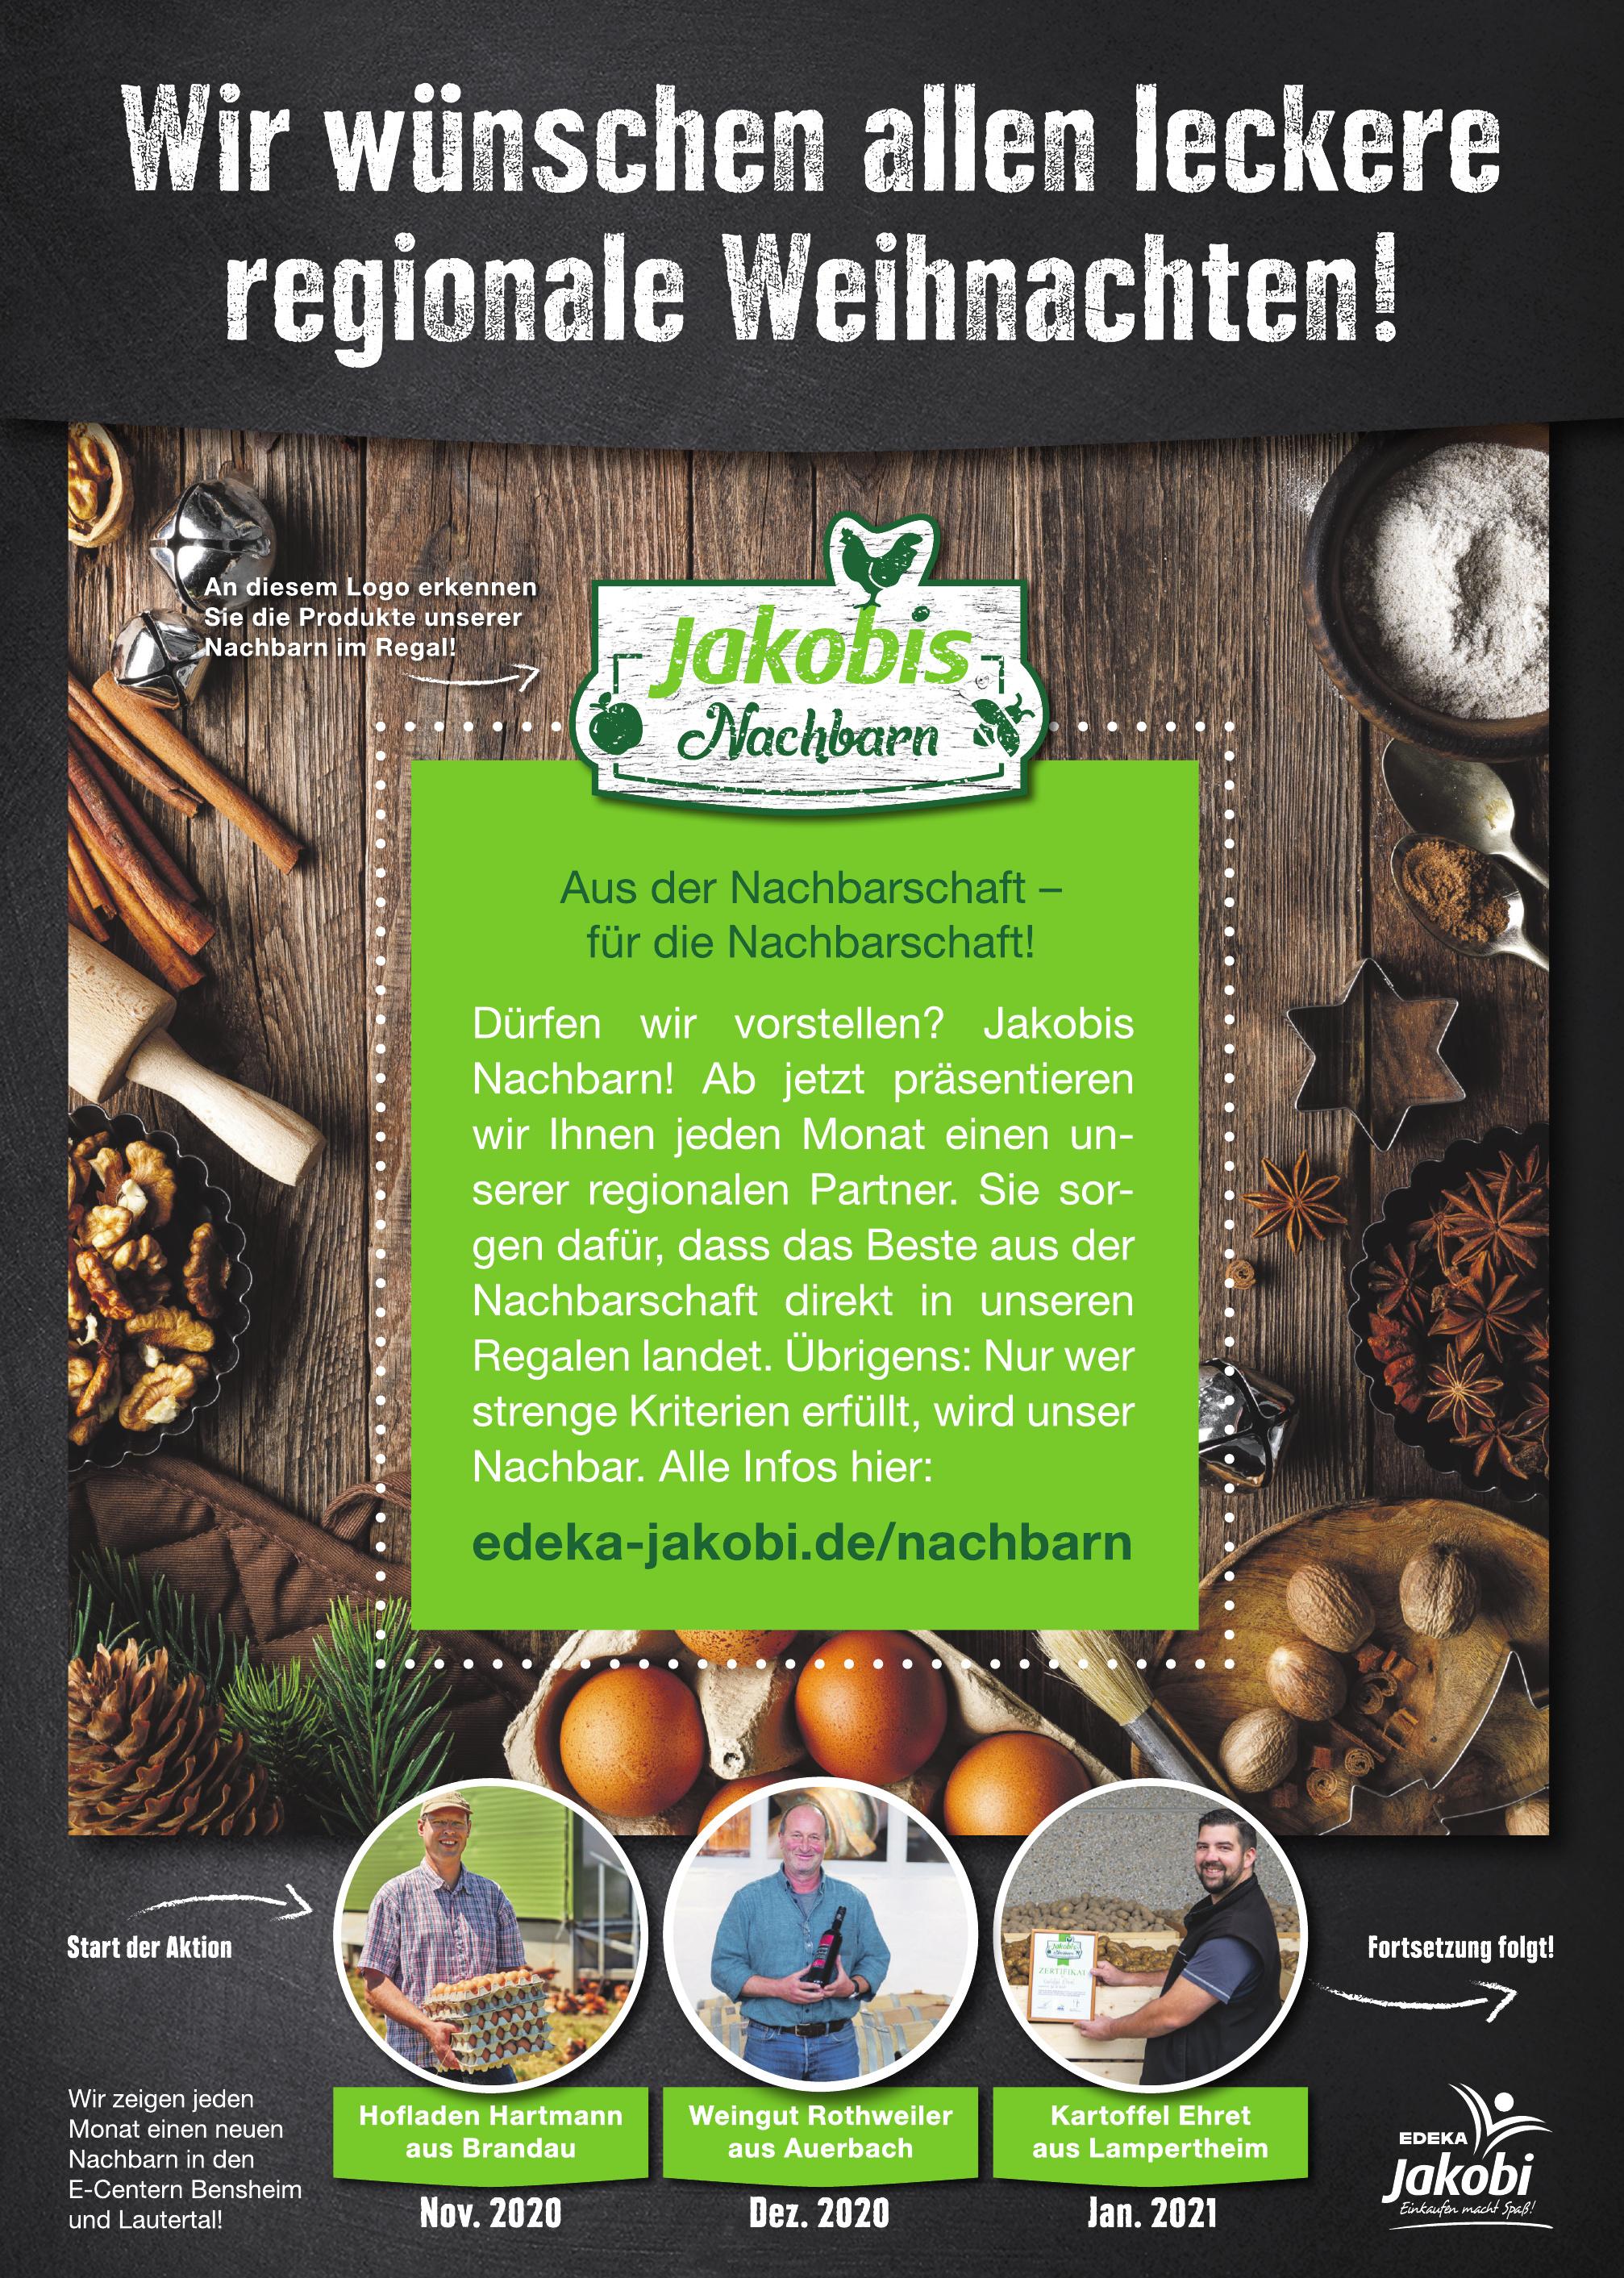 Edeka Jakobi GmbH